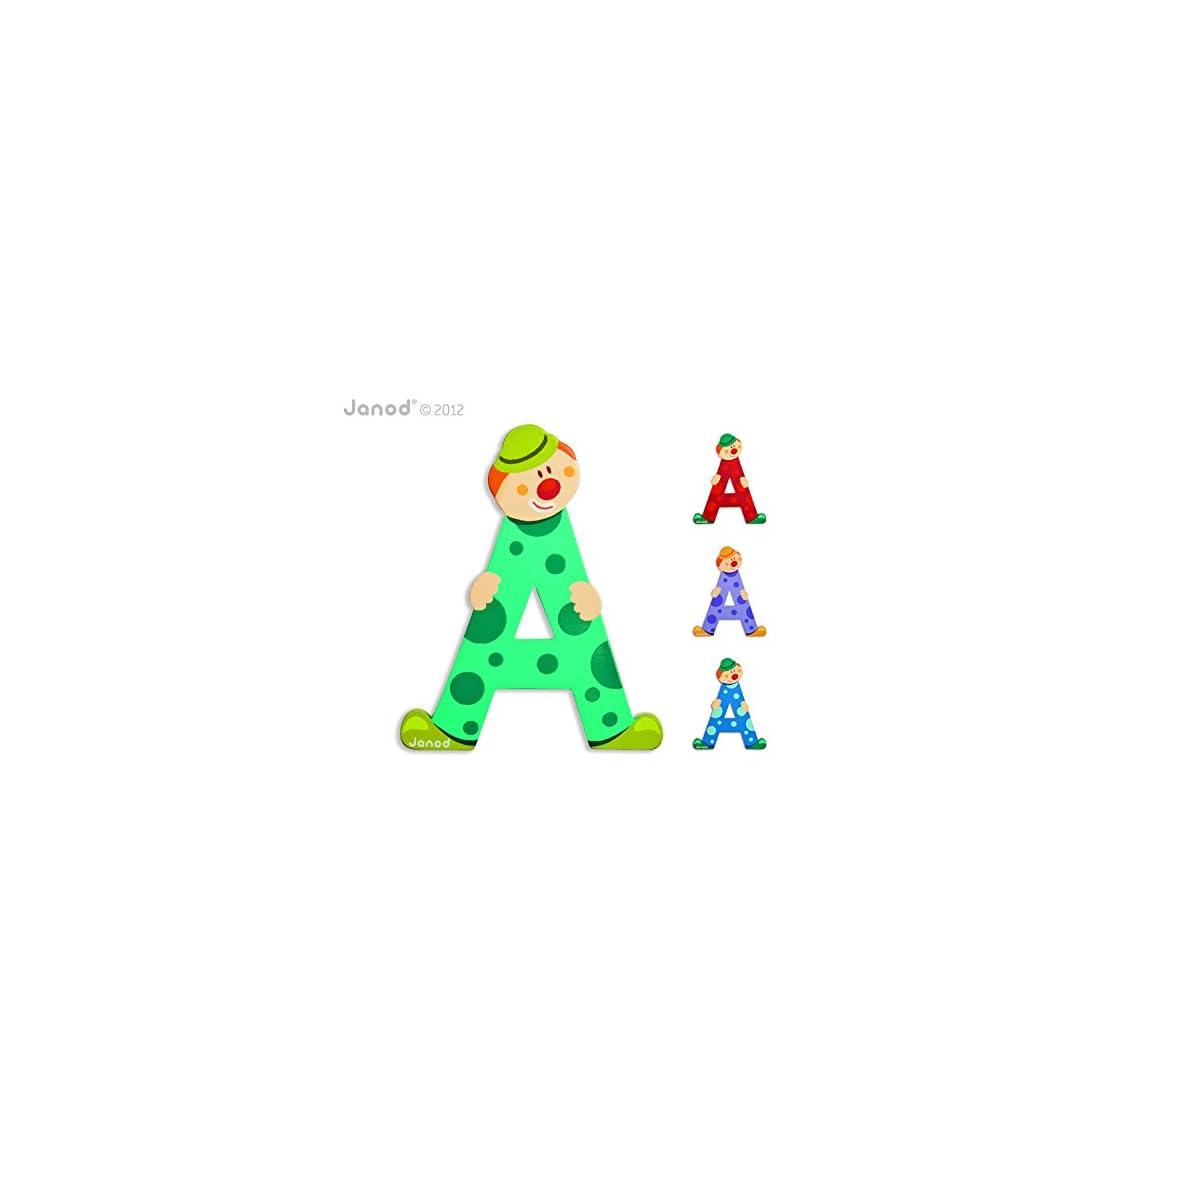 Janod-Letra-Serie-Payaso-DE-Madera-Estilo-Multicolor-J04542